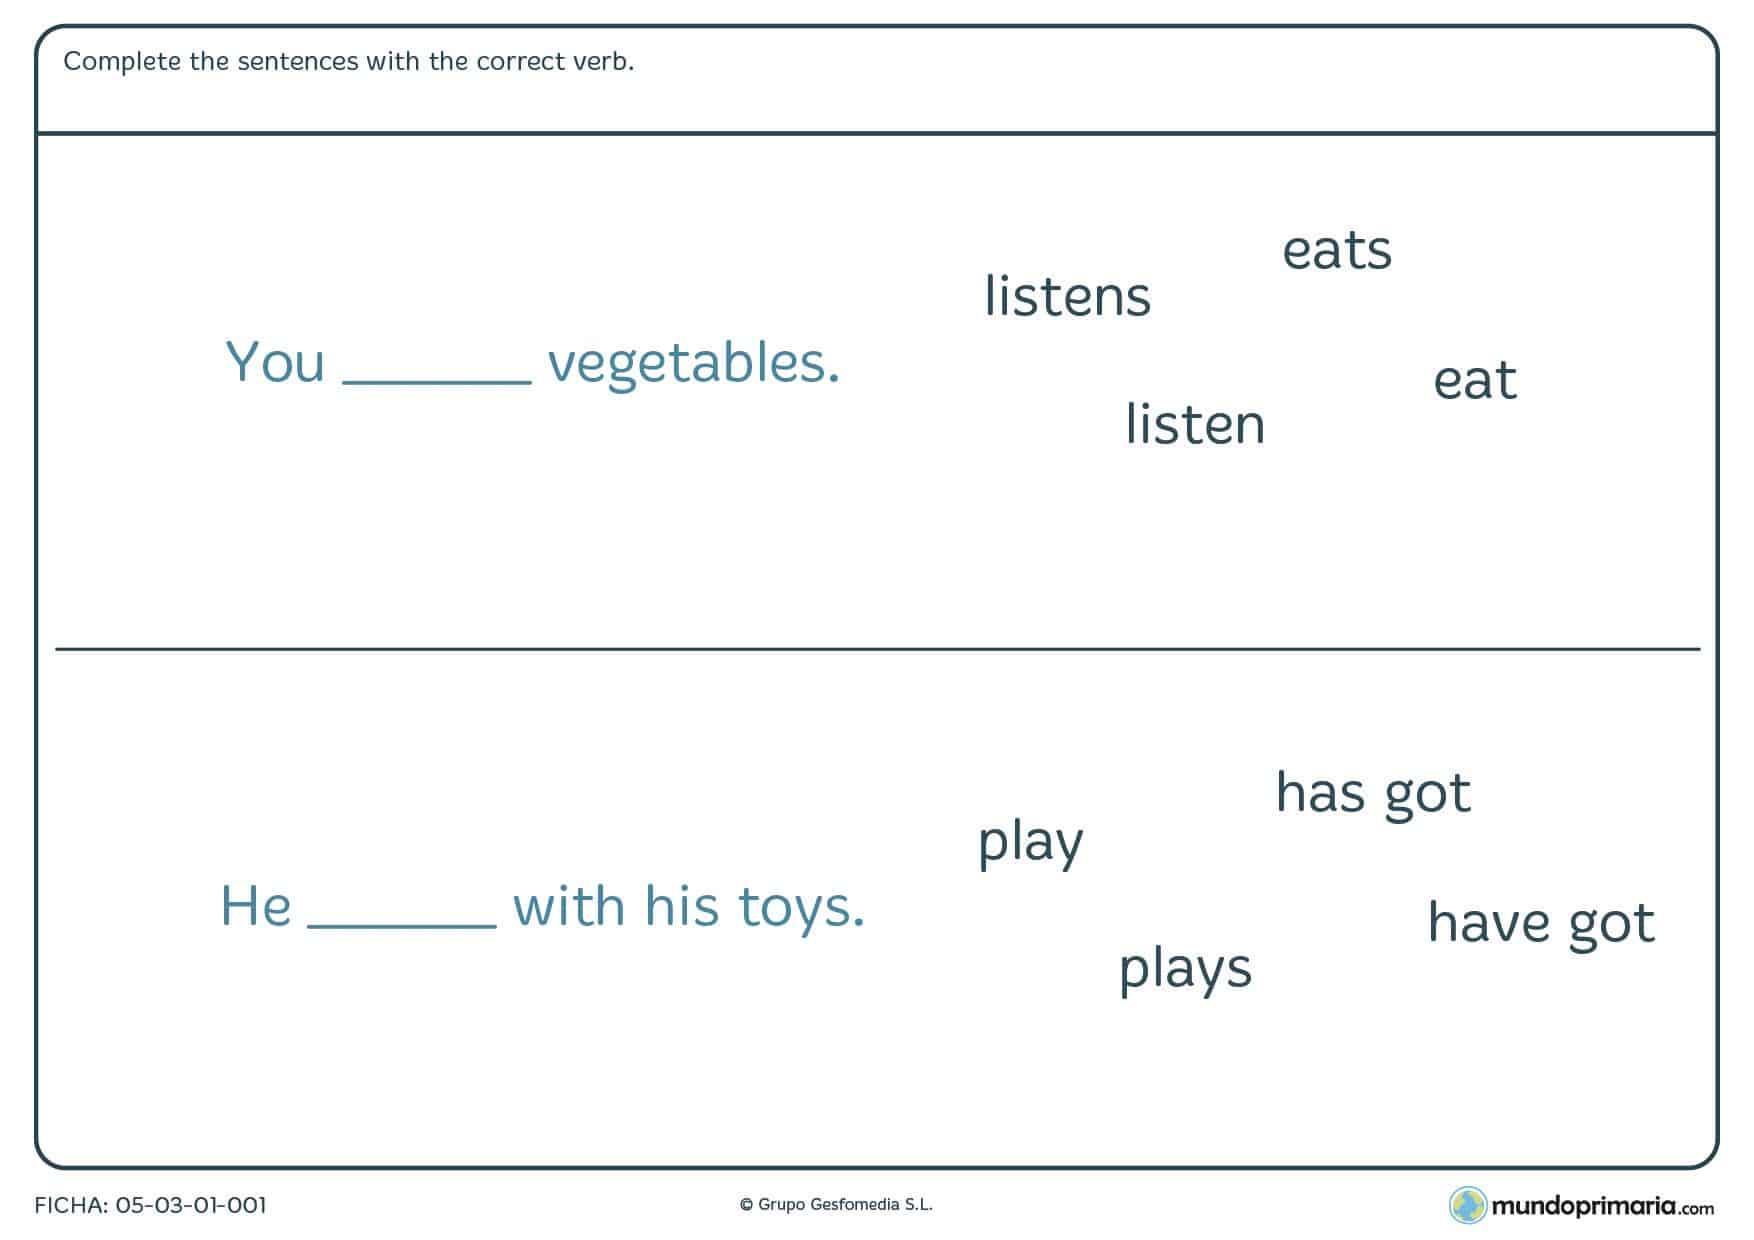 Con esta ficha de sentences puedes repasar inglés. Ficha de sentences para niños de primaria